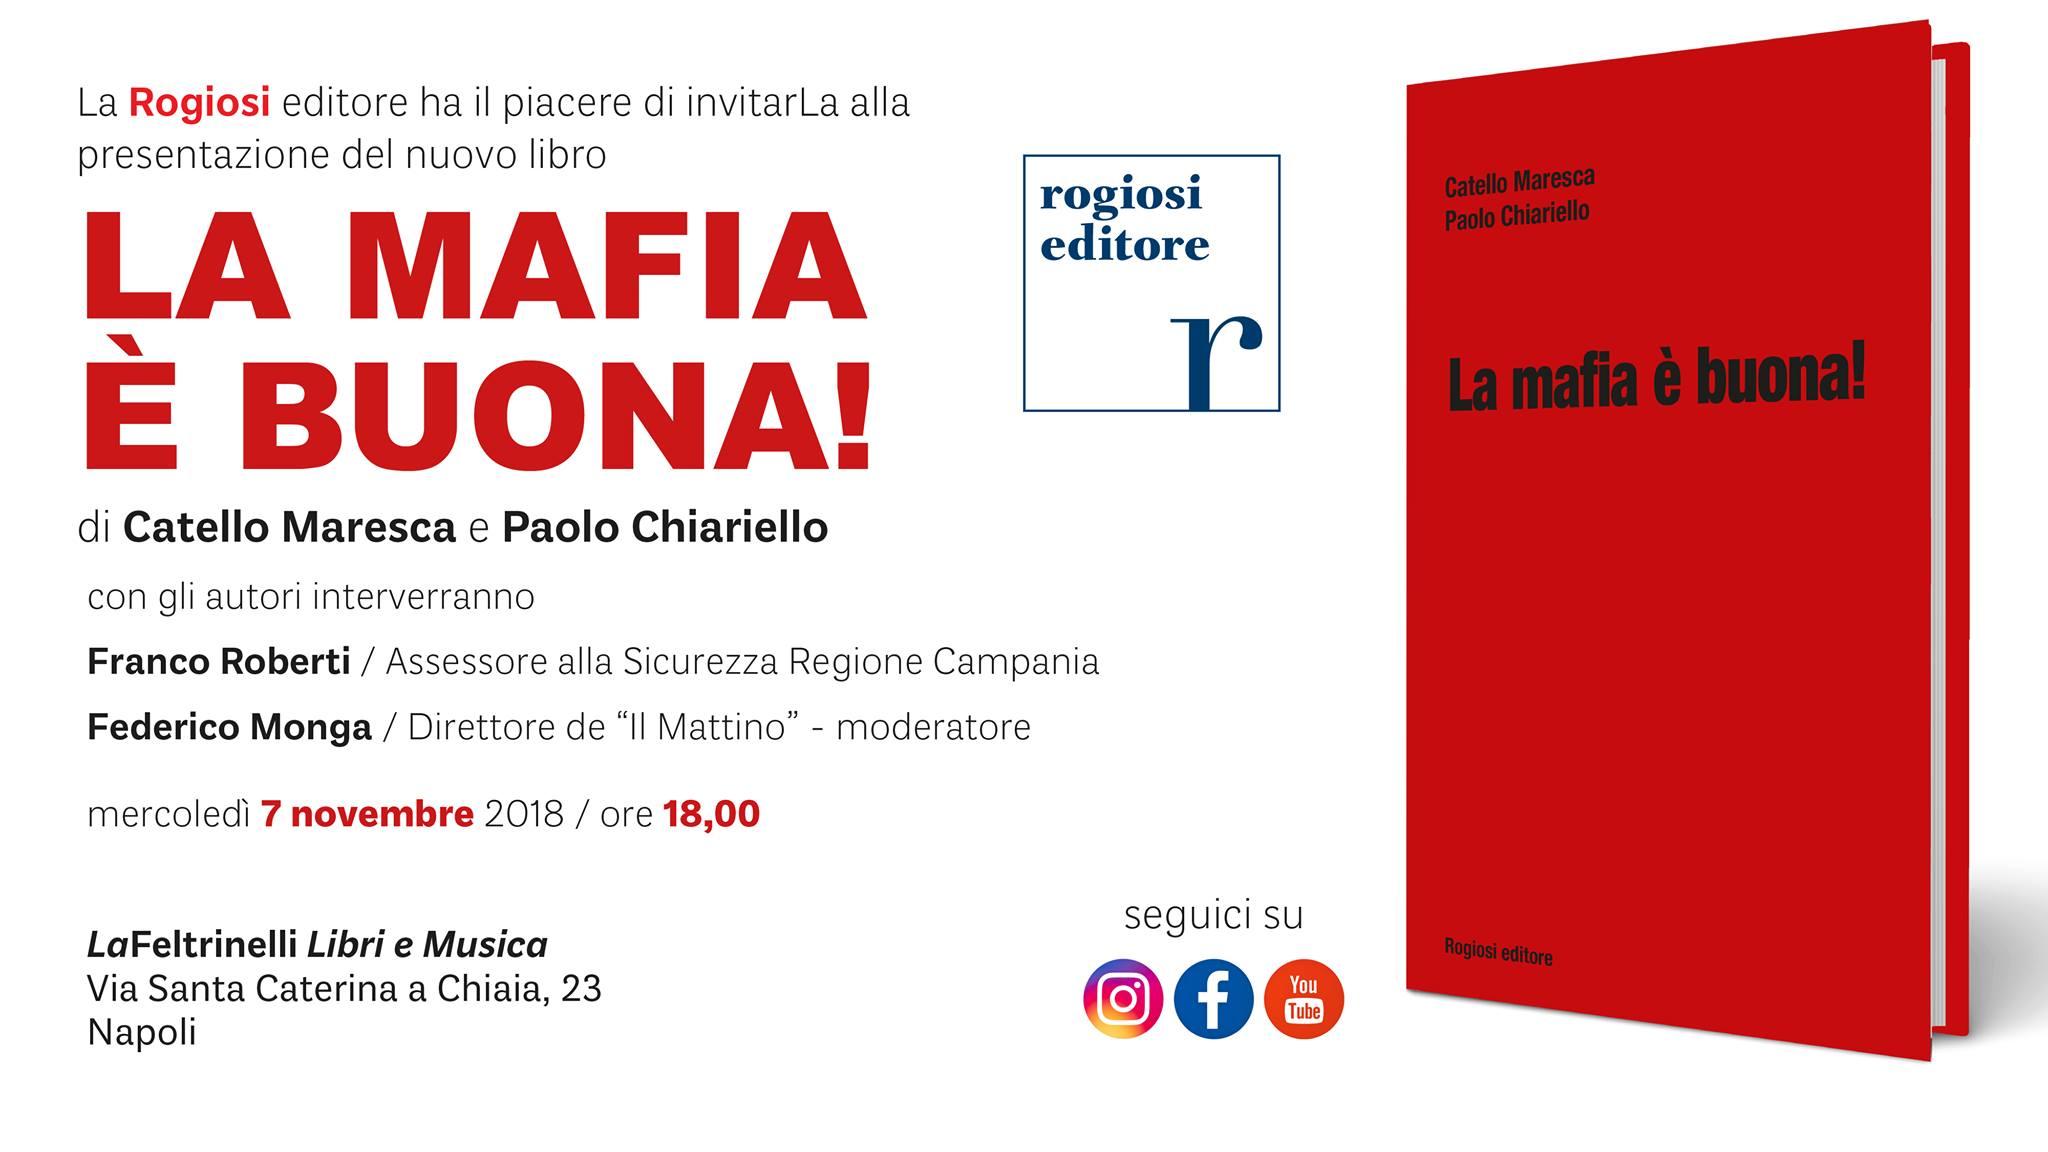 La Mafia è Buona! Presentazione Nuovo Libro